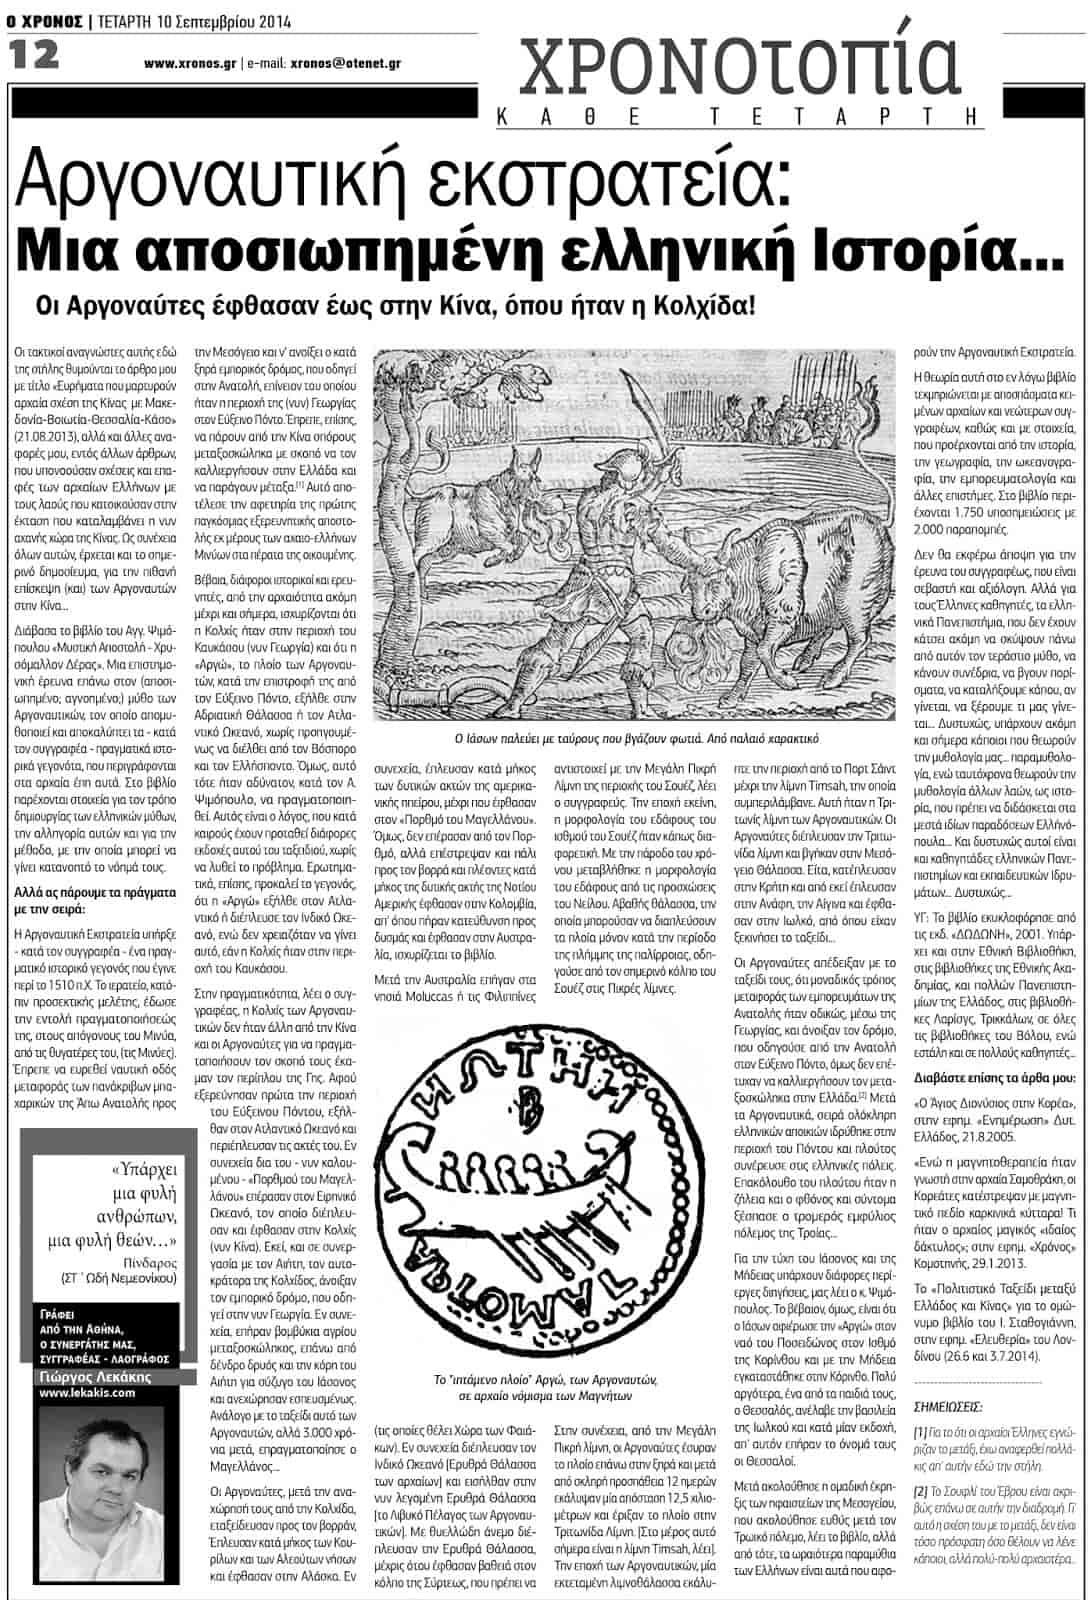 ΑΡΓΟΝΑΥΤΙΚΗ Εκστρατεία: Μια Αποσιωπημένη Ελληνική Ιστορία: Οι Αργοναύτες έφθασαν έως την Κίνα, όπου ήταν η Κολχίδα